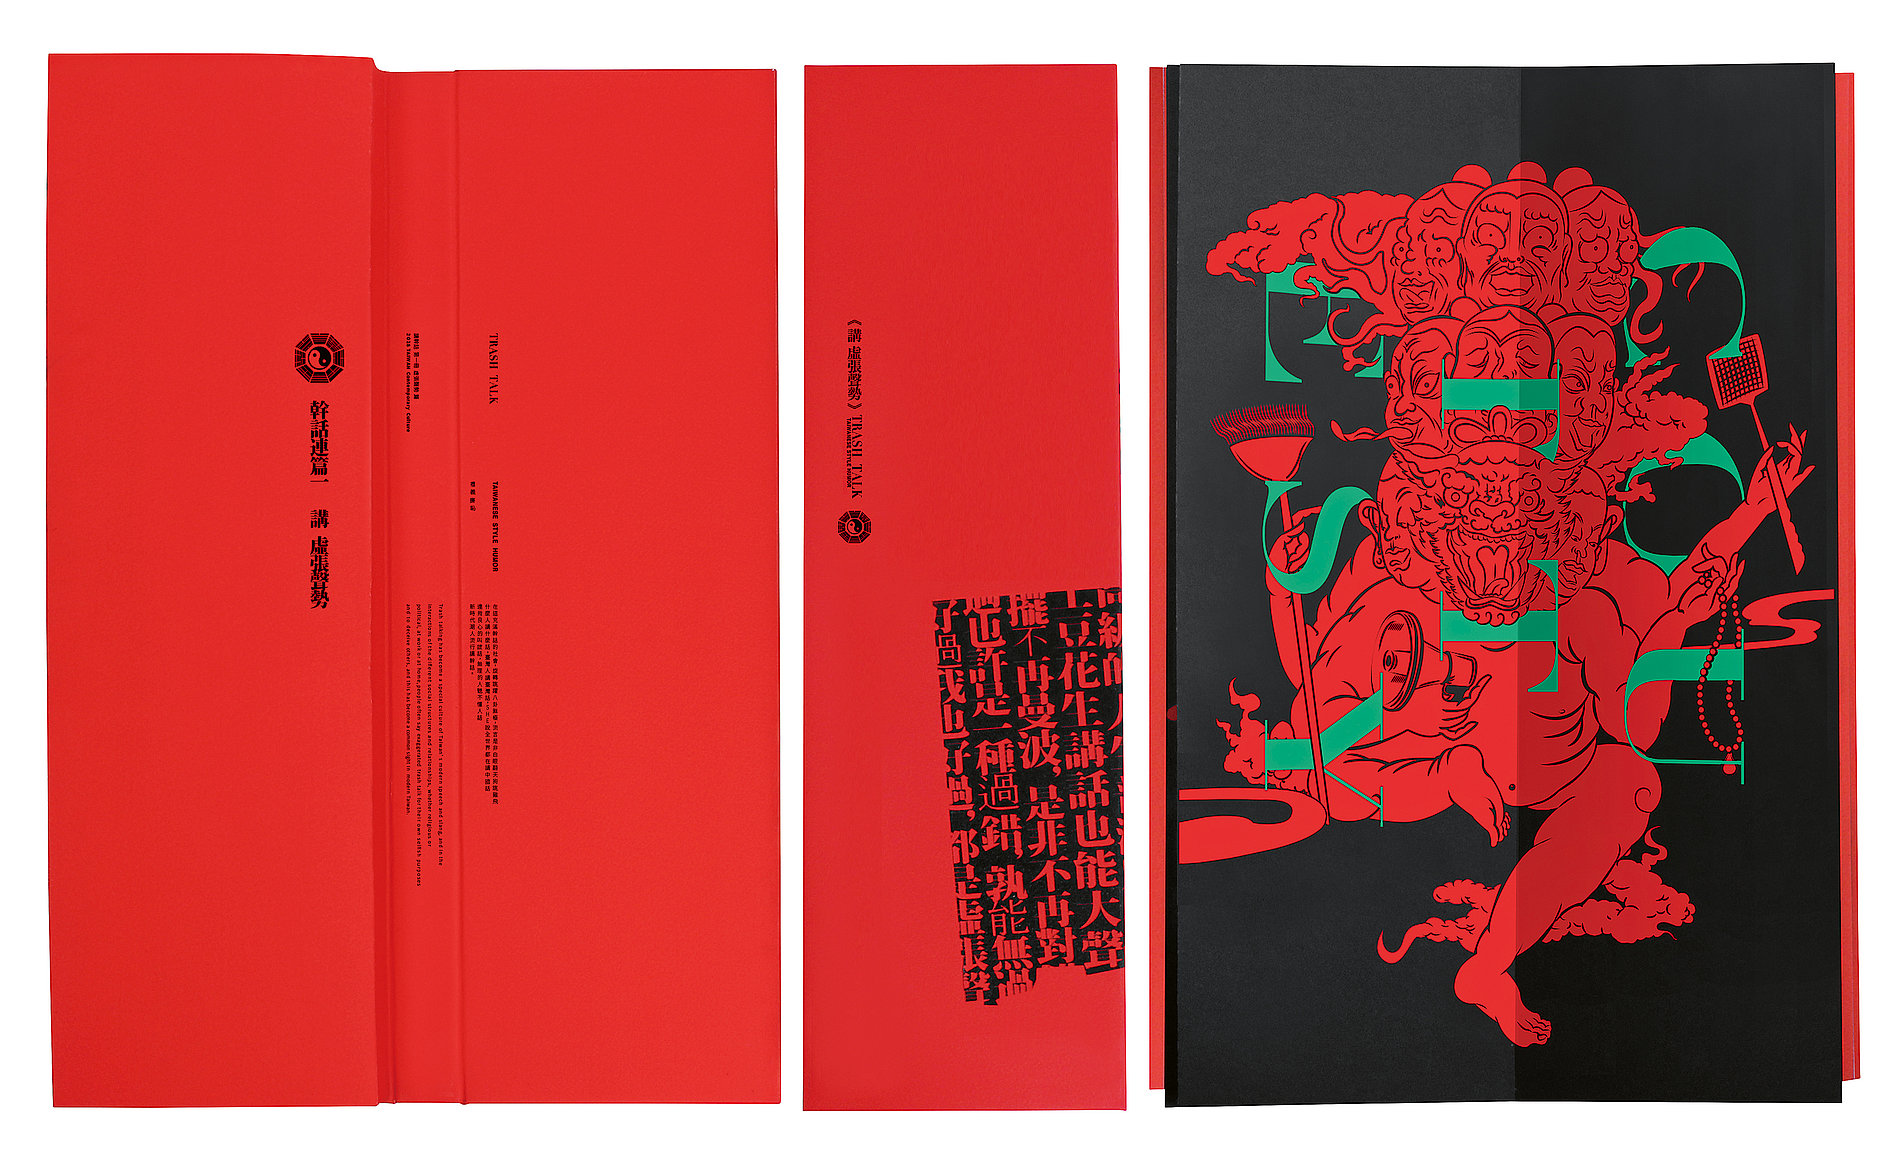 Trash Talk | Red Dot Design Award